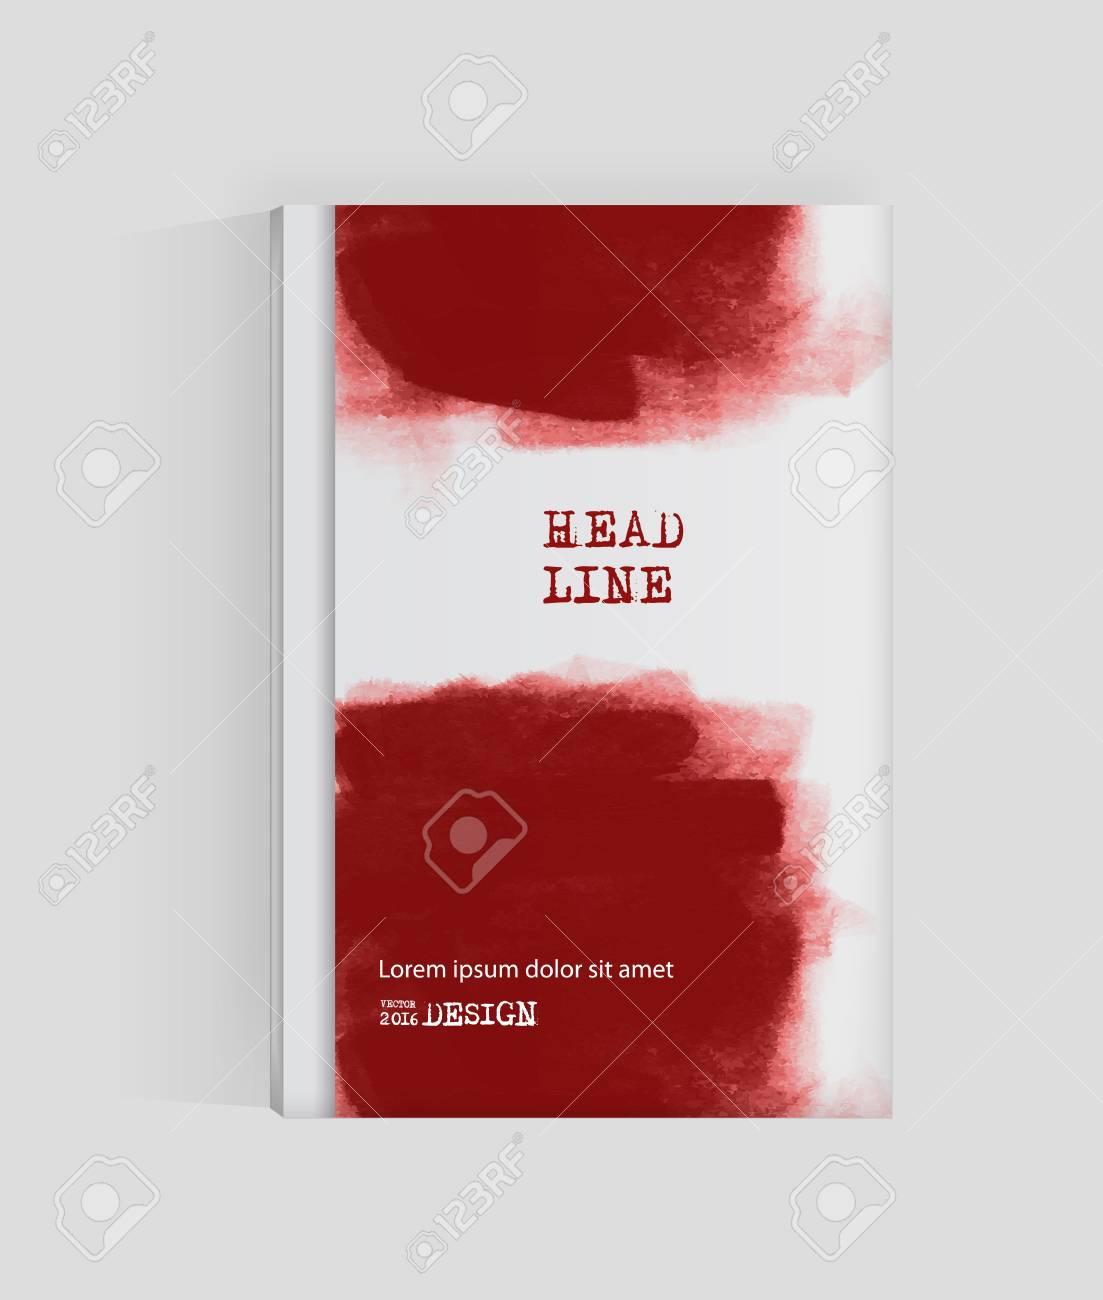 Red Abstrakten Design. Ink Farbe Auf Broschüre, Blut Element ...